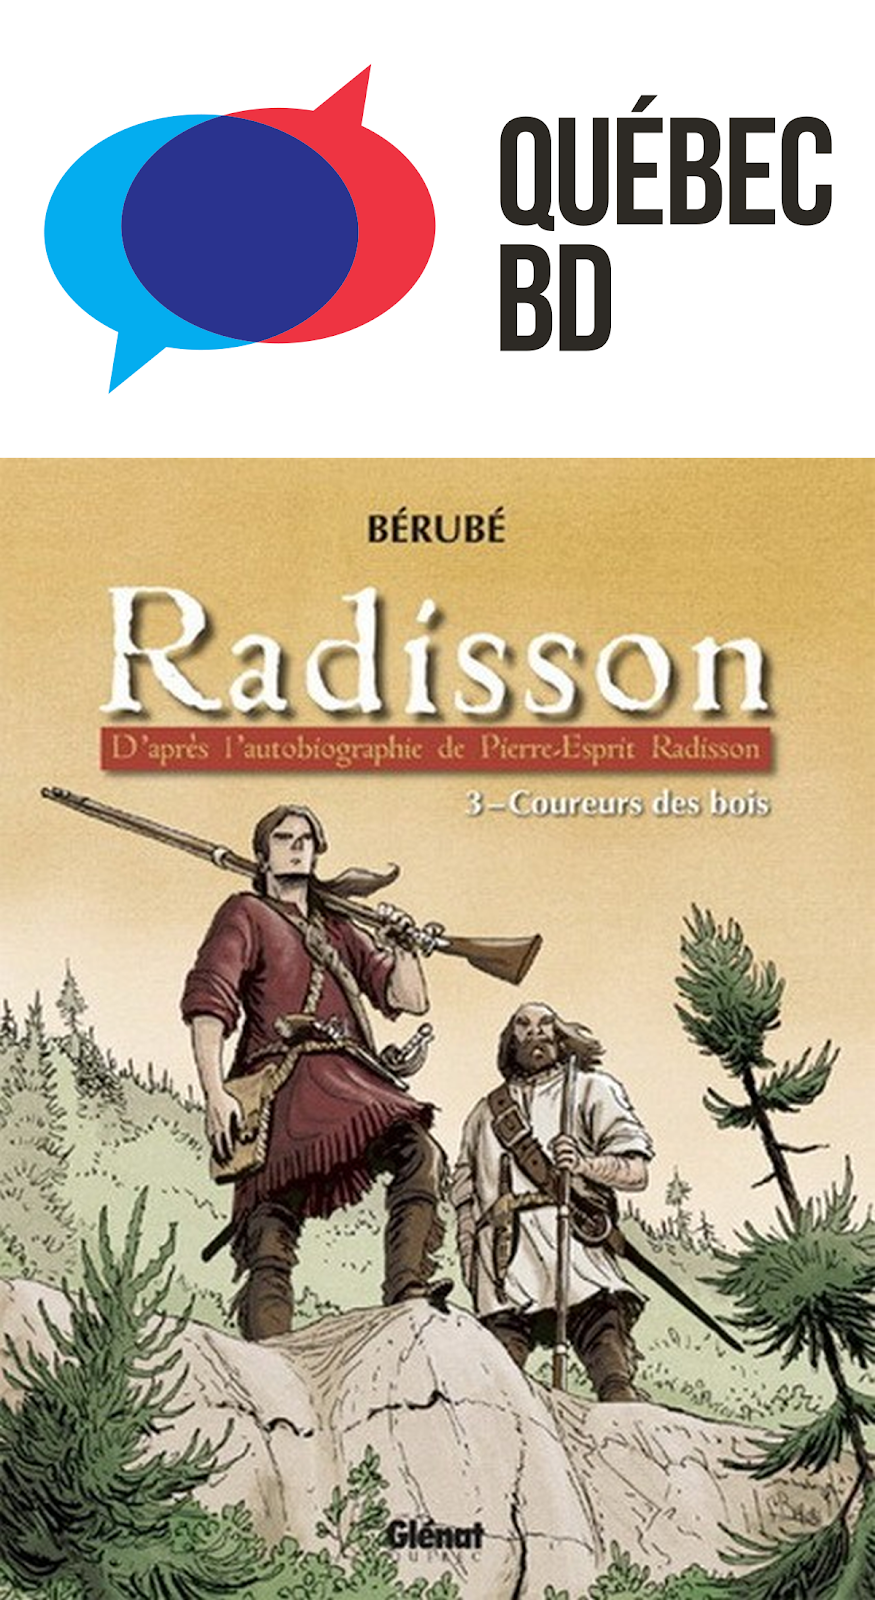 Sélection des BD sur le thème du Québec: Dix titres